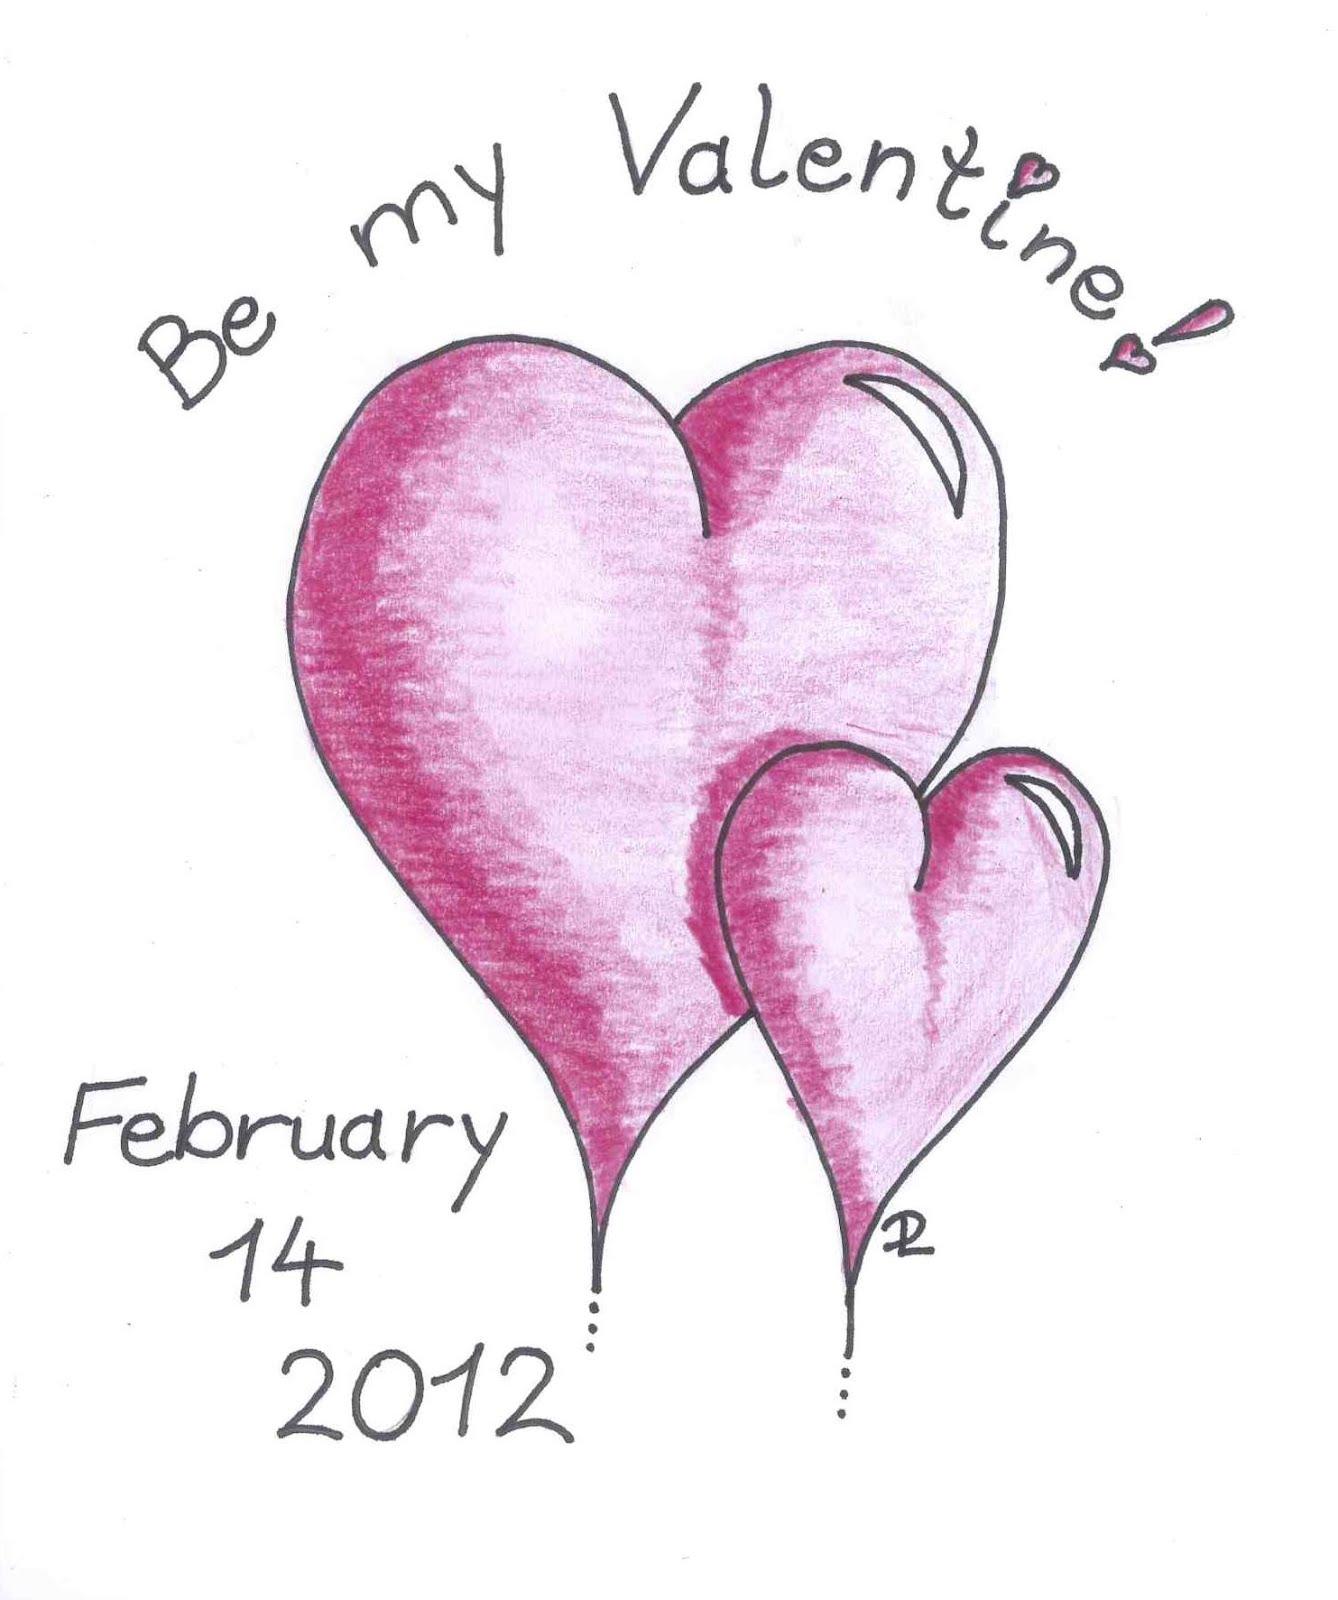 Ich Habe Für Alle Mein Blog Leser Ein Bißchen Gezeichnet. Ich Wünsche Euch  Allen Einen Schönen Valentinstag!